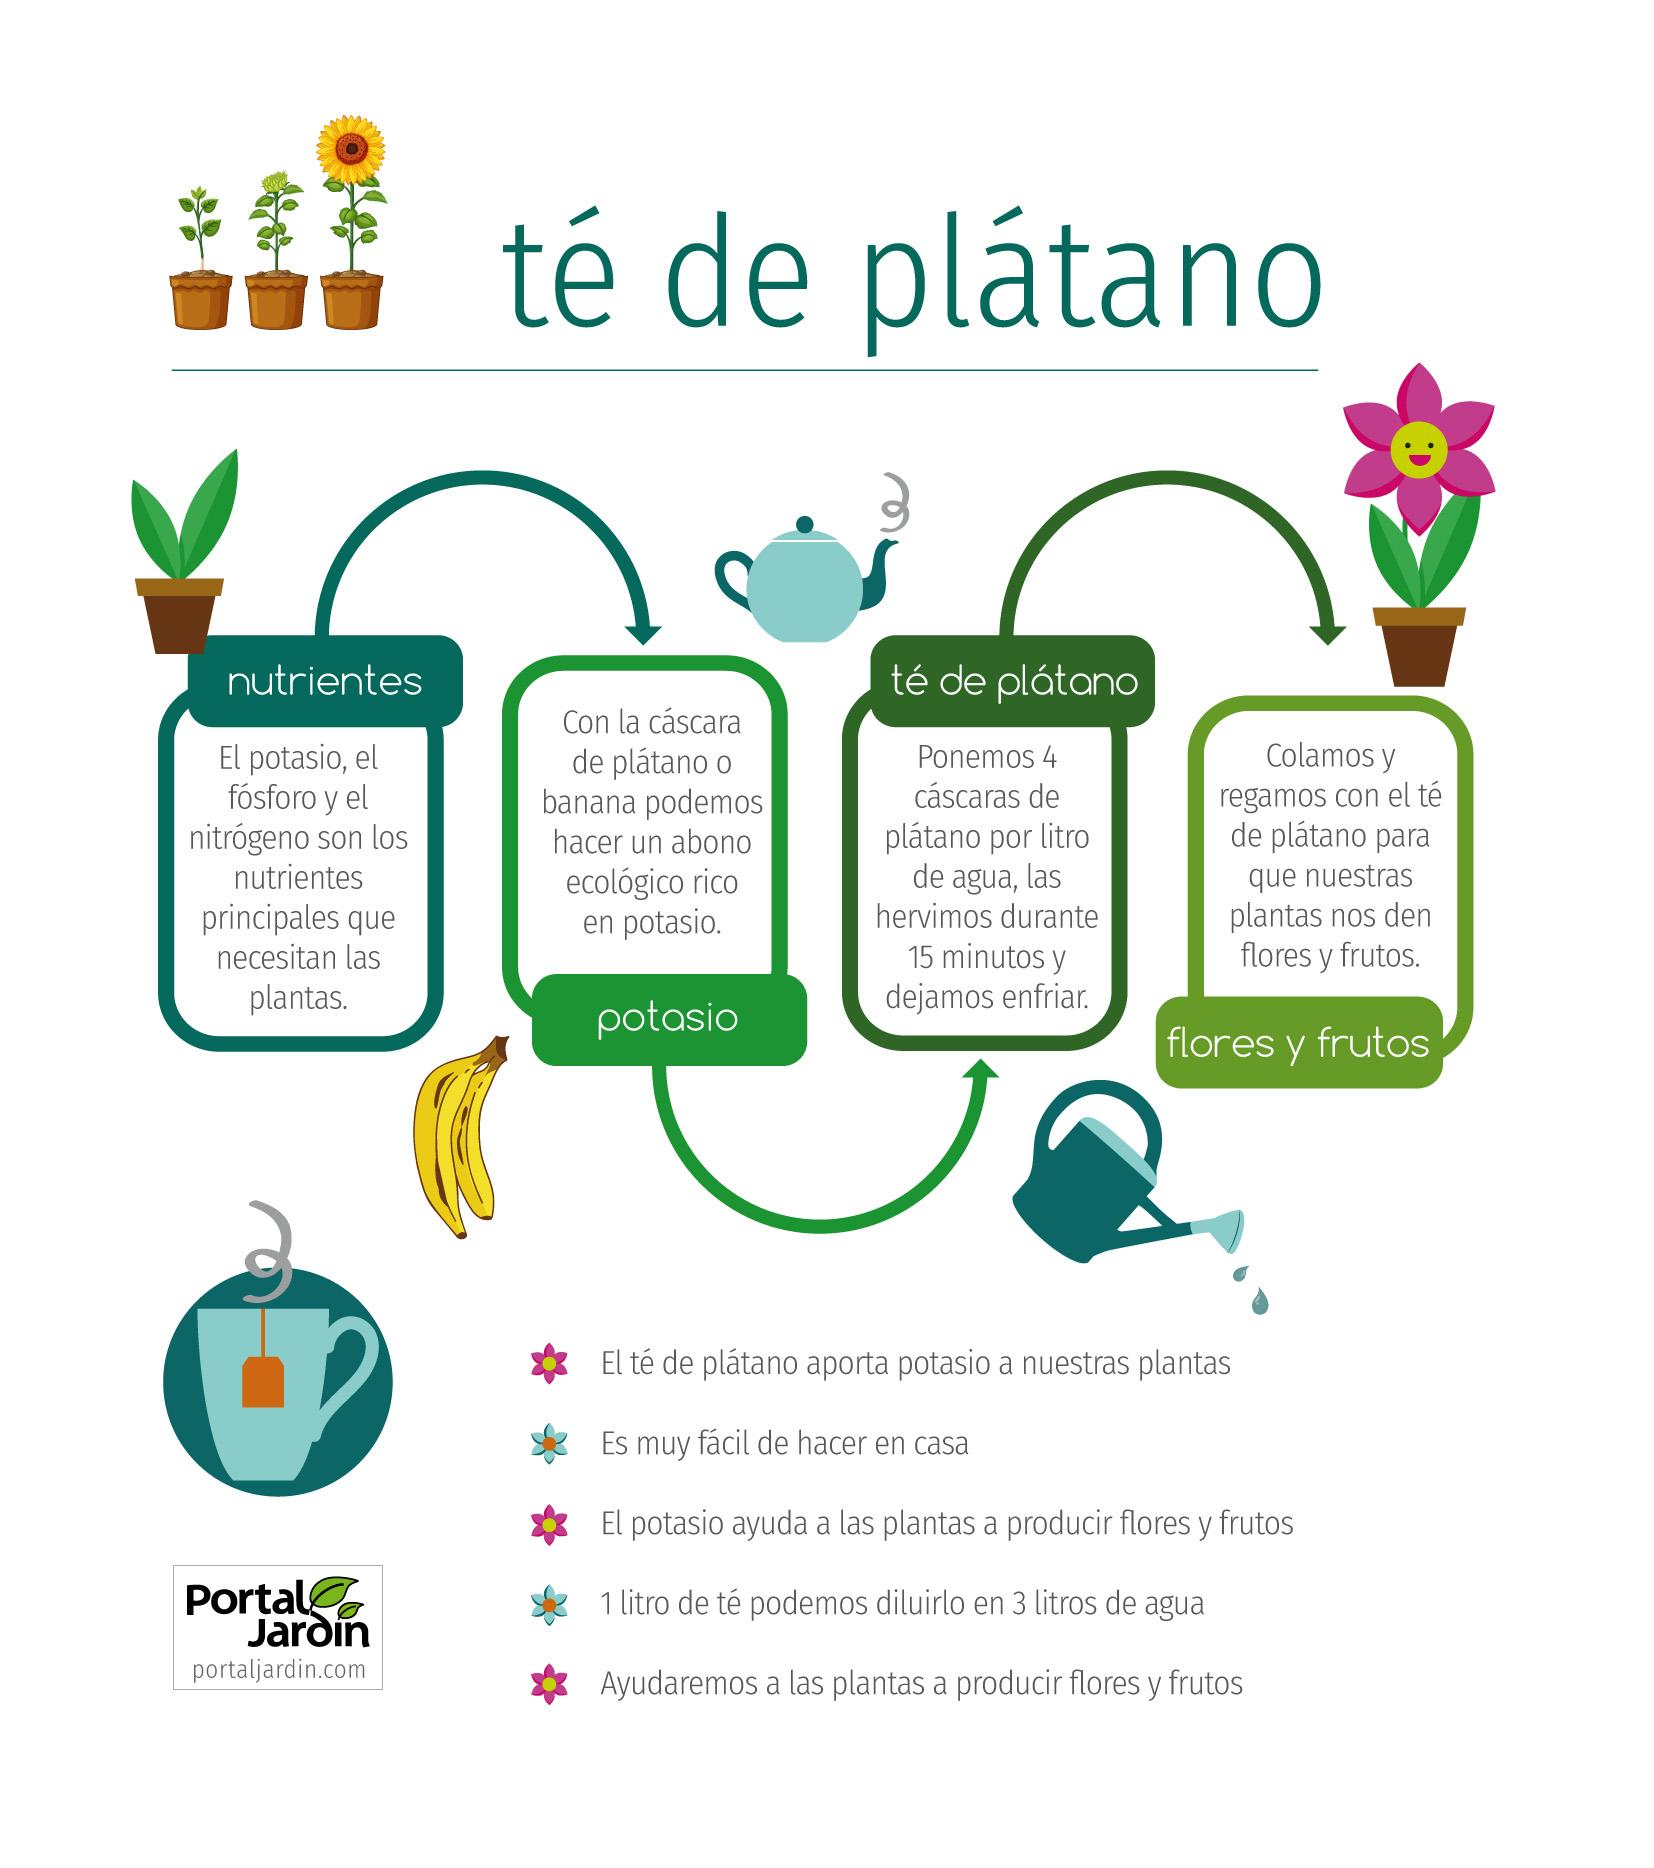 Té de plátano para flores y frutos